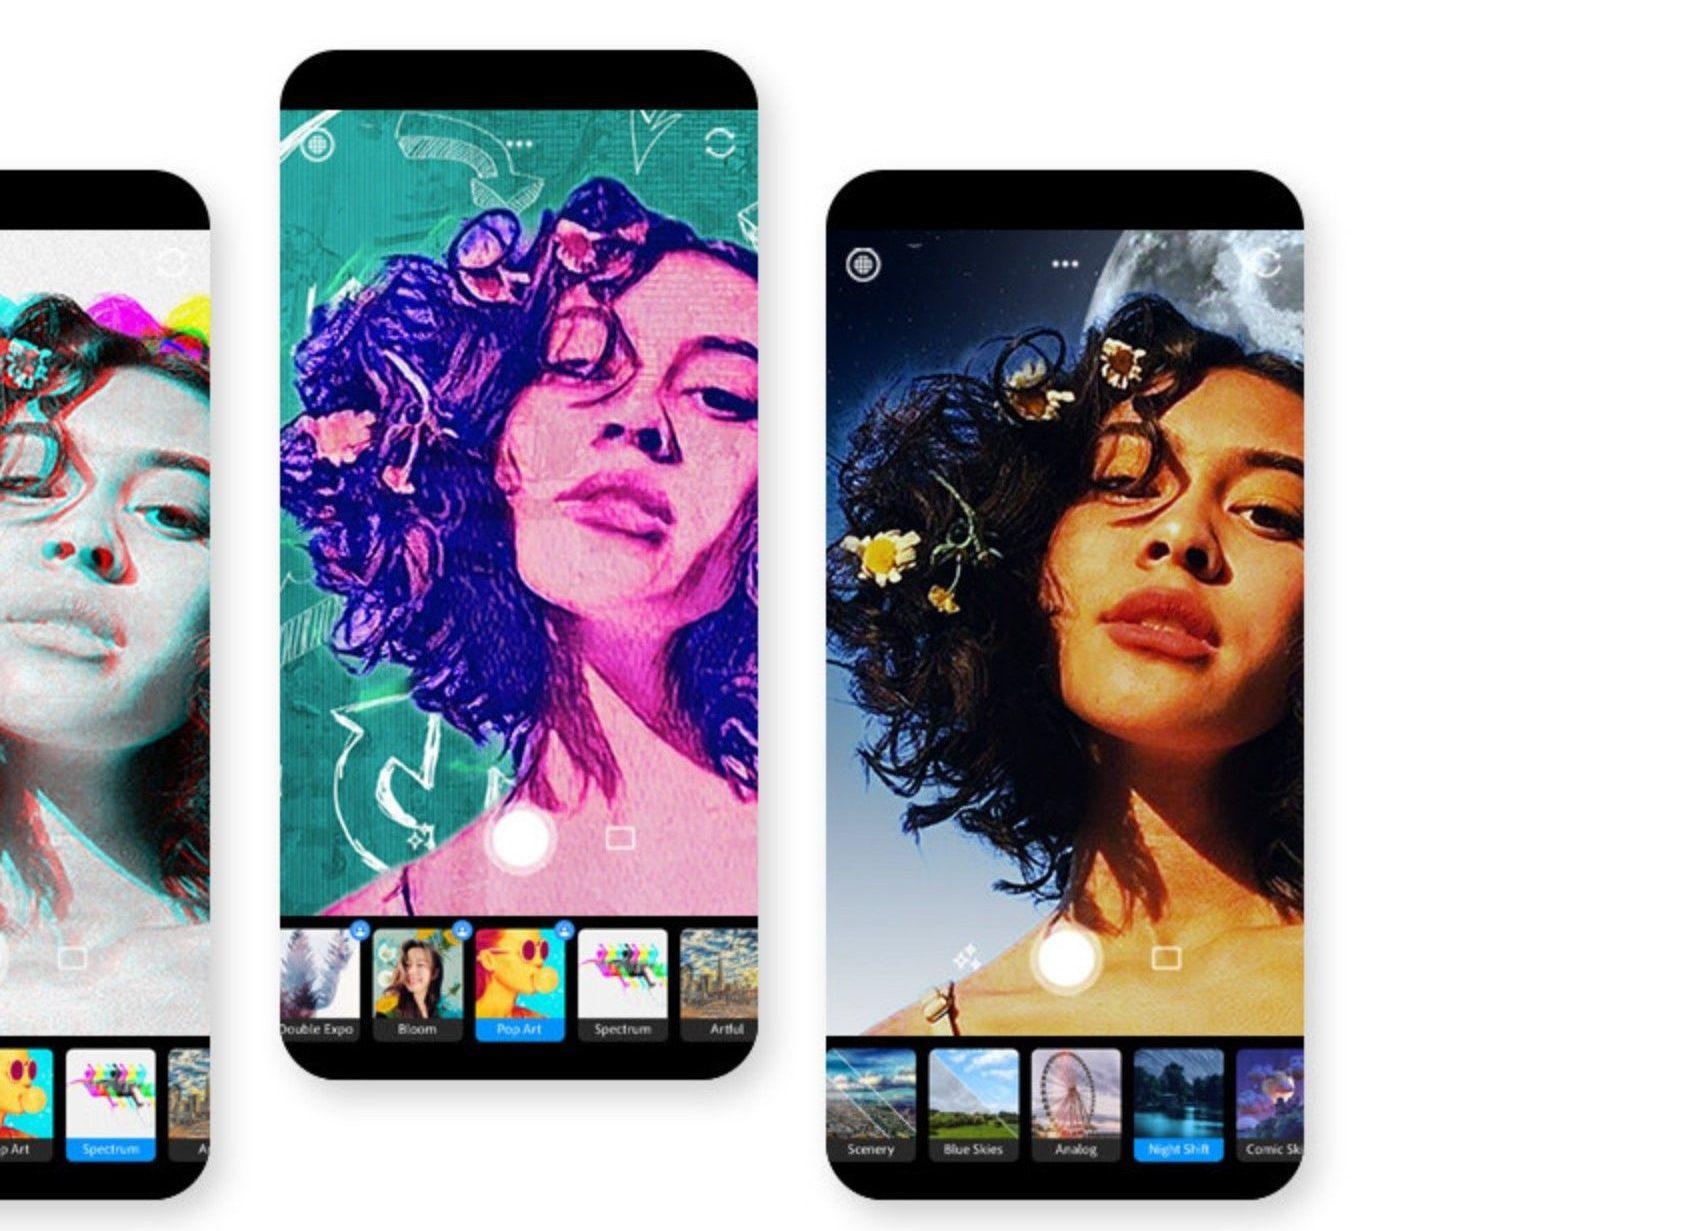 Adobe Photoshop Camera umożliwi tworzenie wykręconych grafik na smartfonie